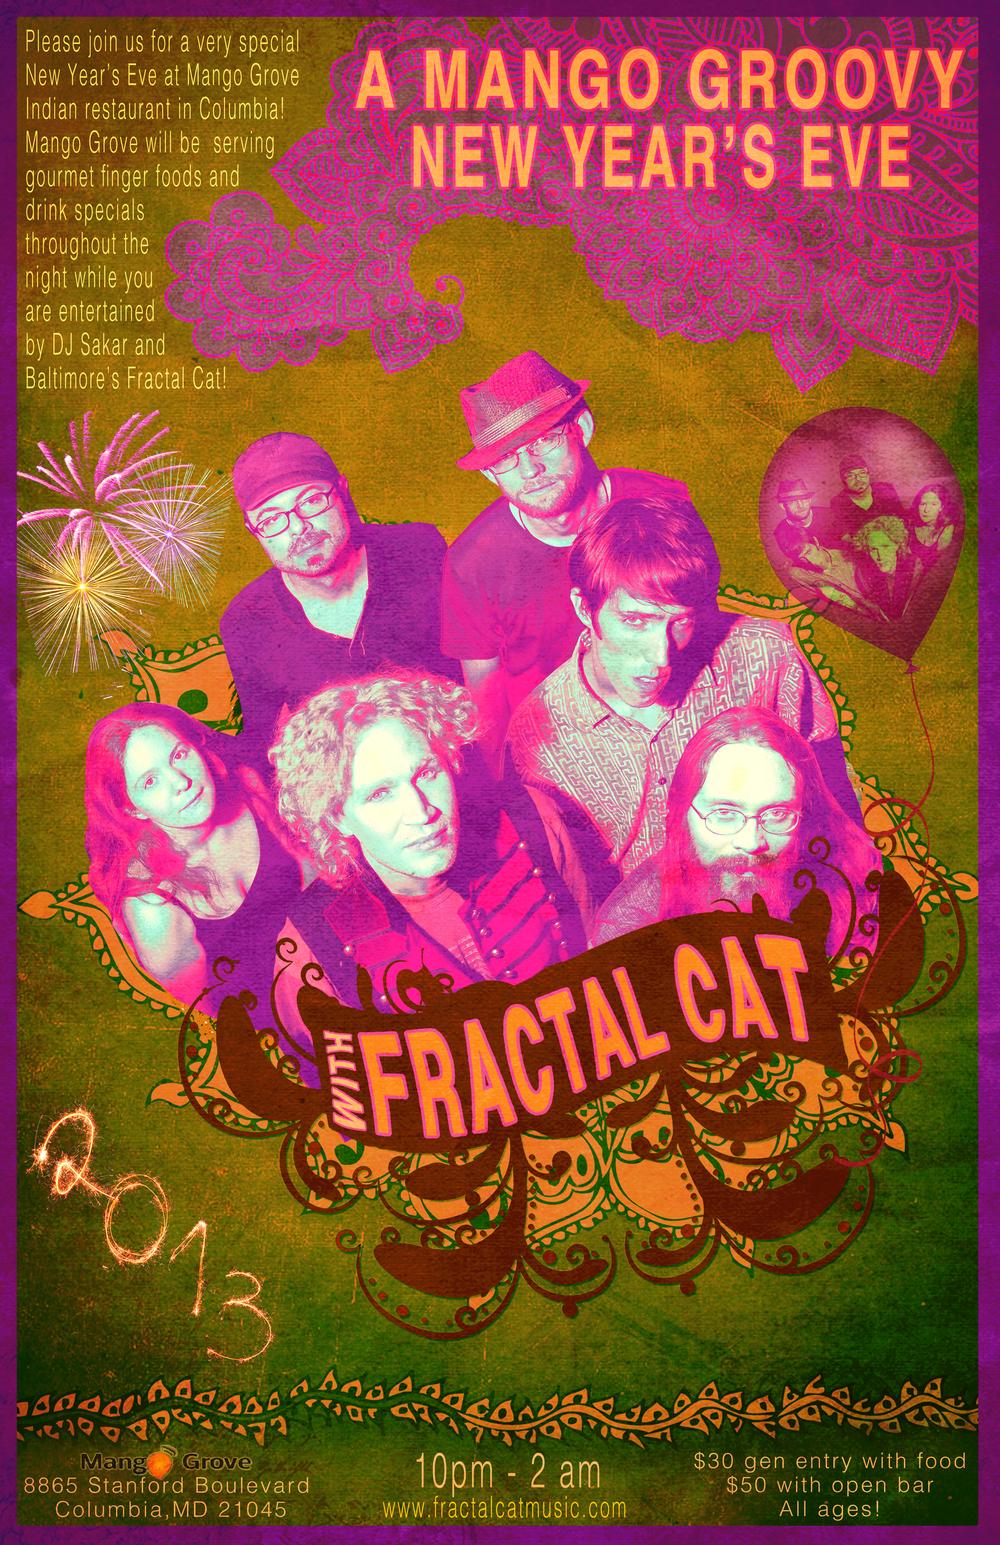 FractalCat_Poster_MangoGrove.jpg